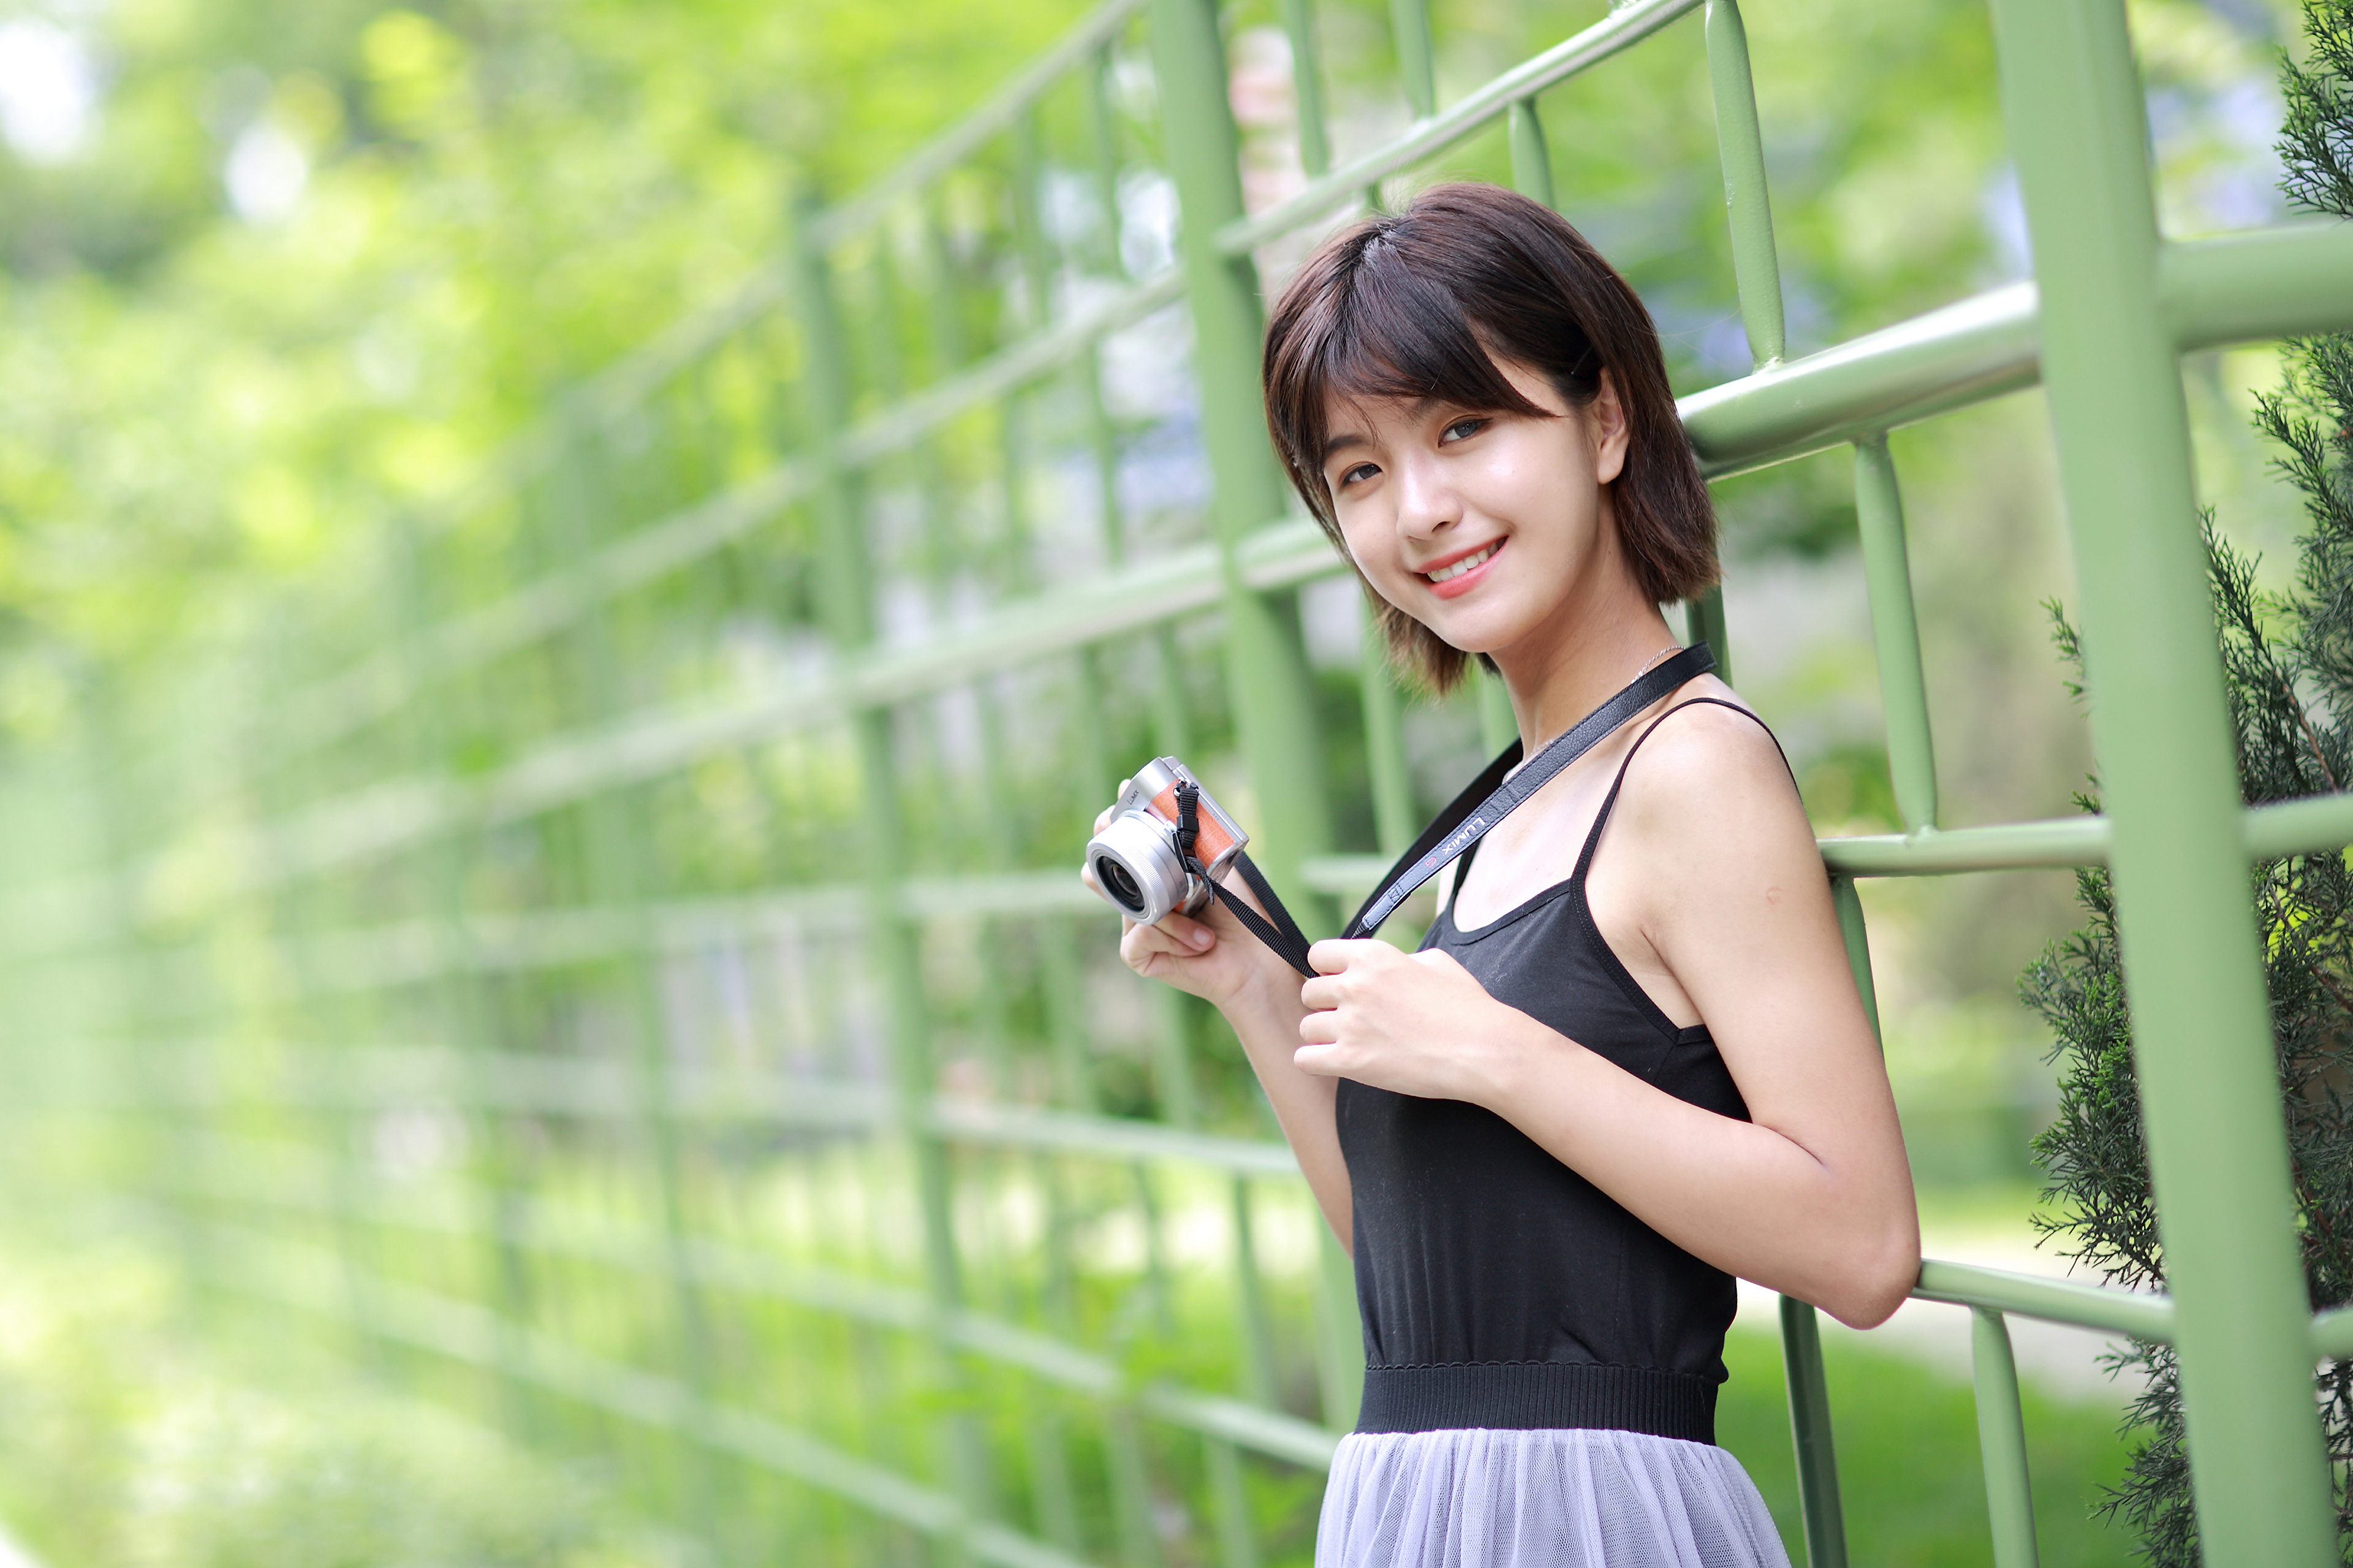 Fotos von Fotoapparat Lächeln Mädchens Asiatische Blick junge frau junge Frauen Asiaten asiatisches Starren